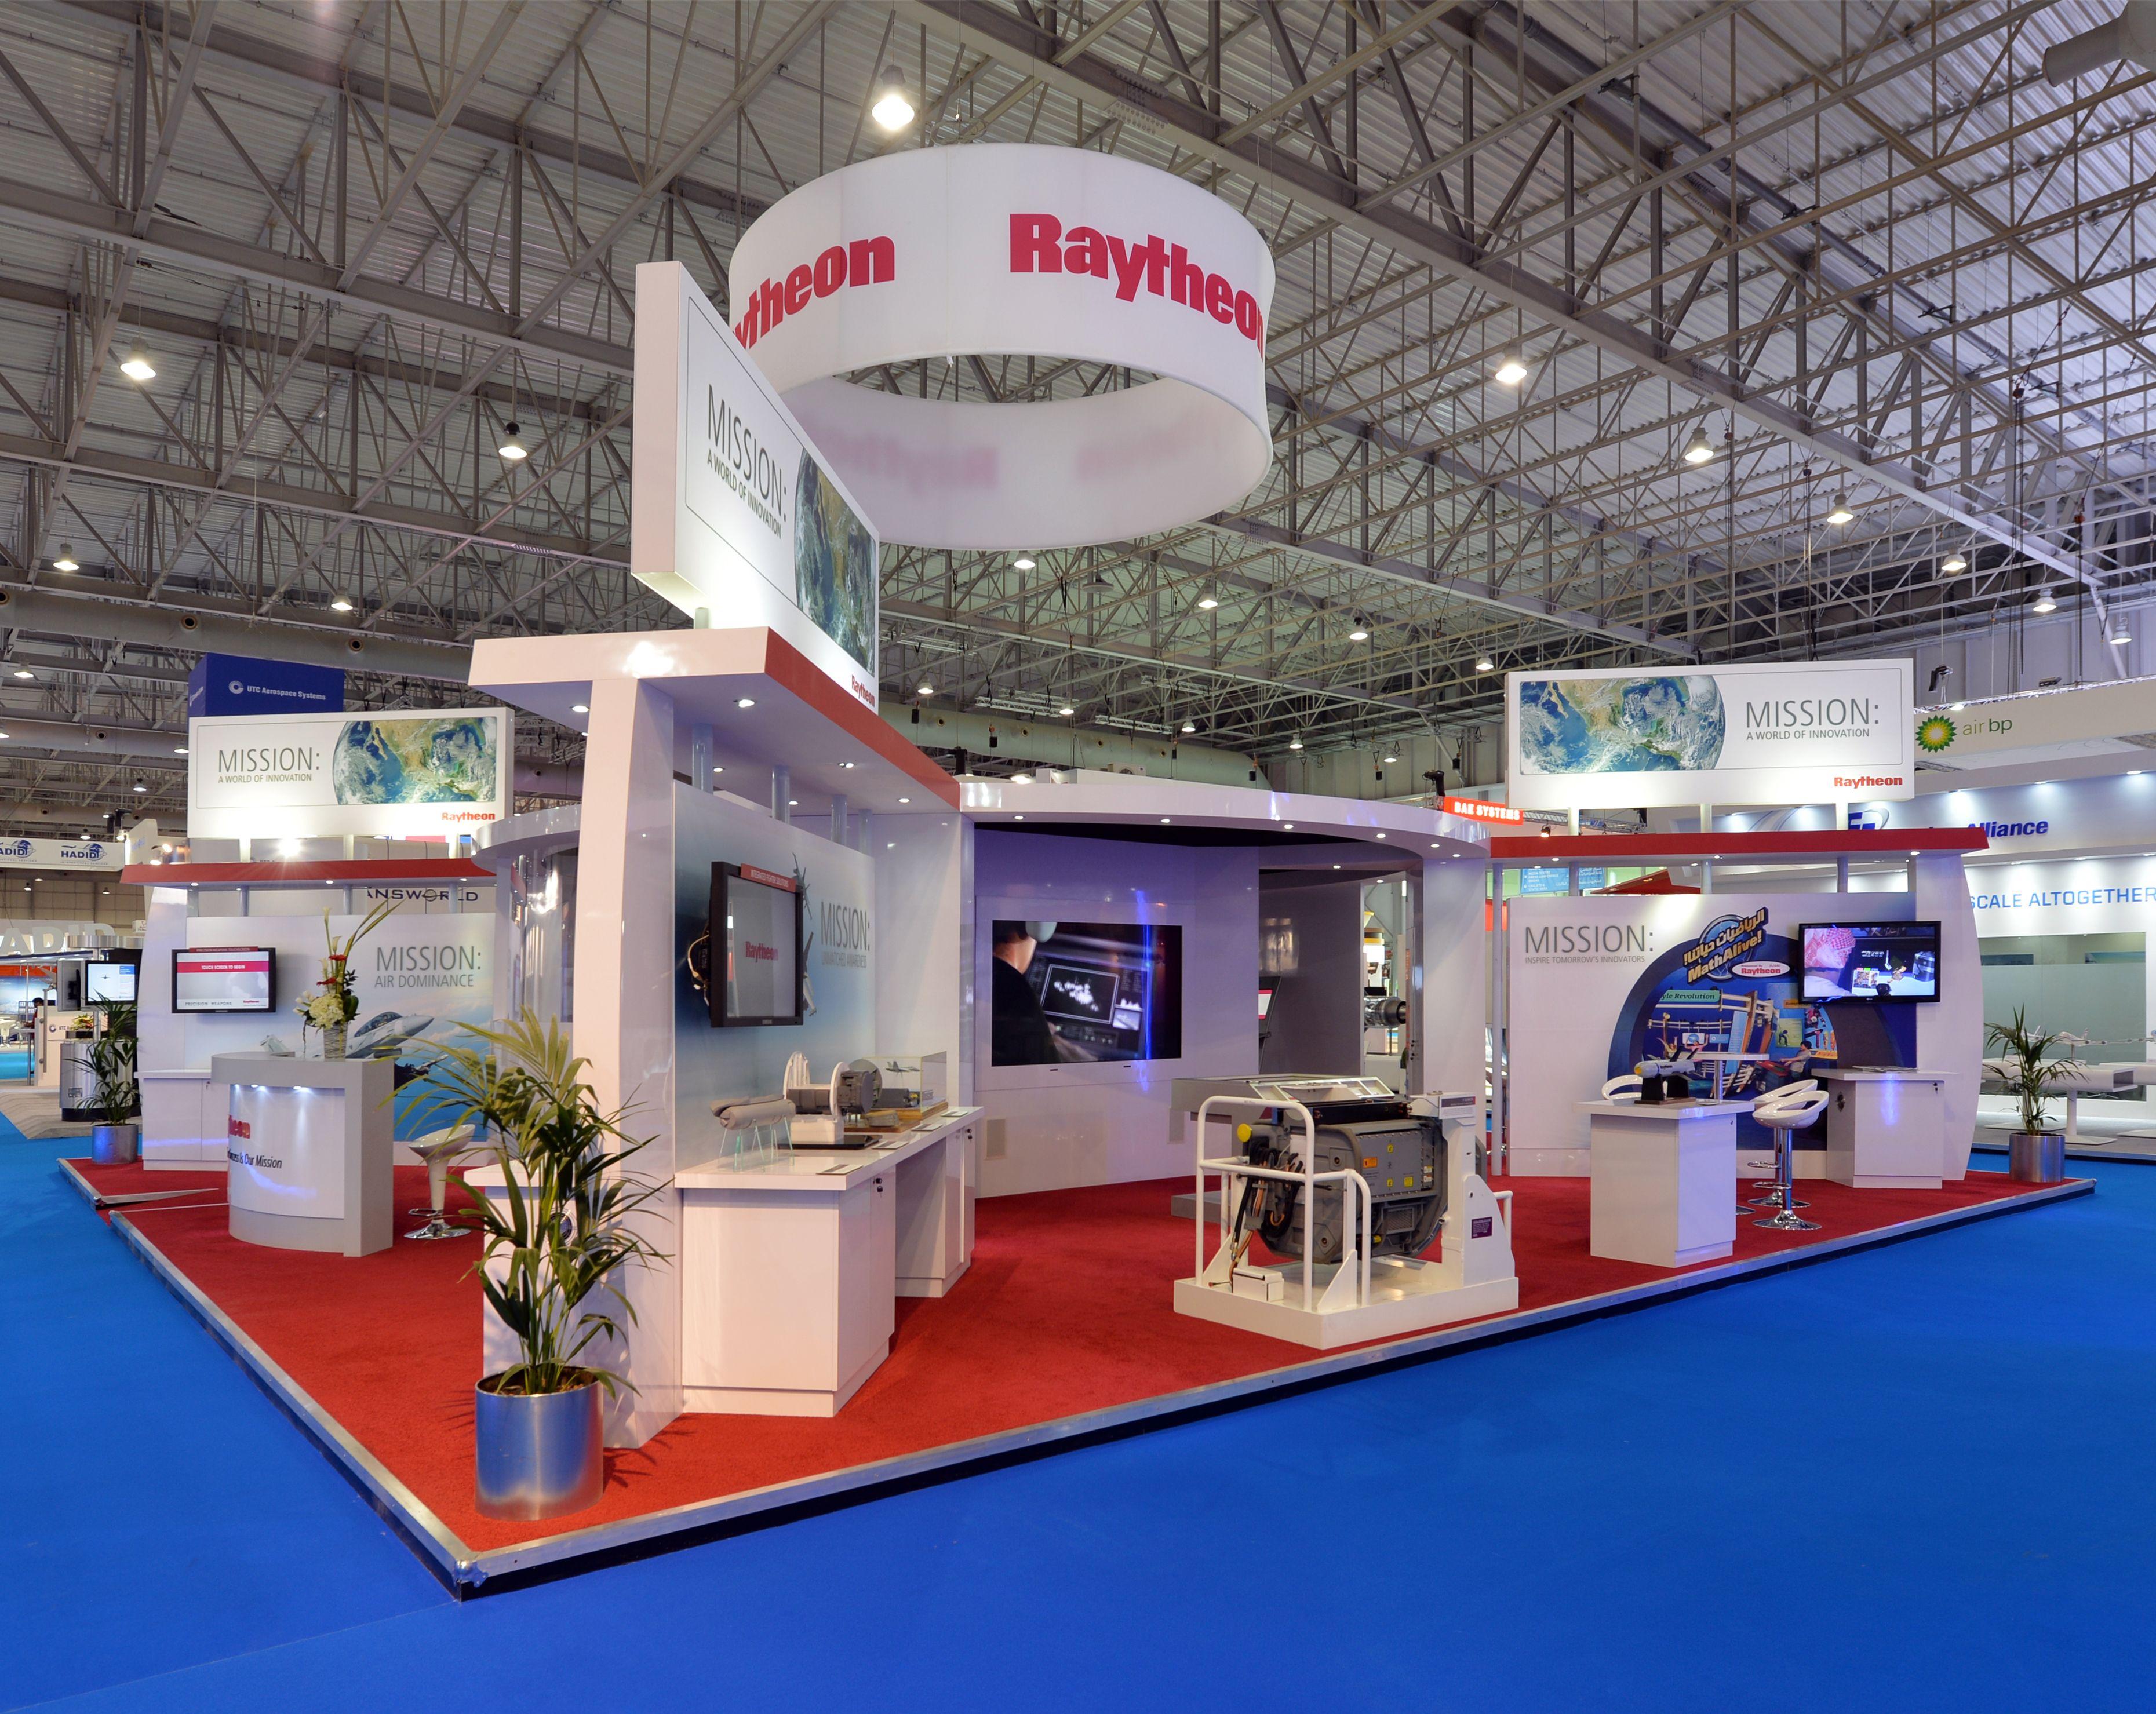 Raytheon Dubai Air Show 2013 Exhibition stand, Air show